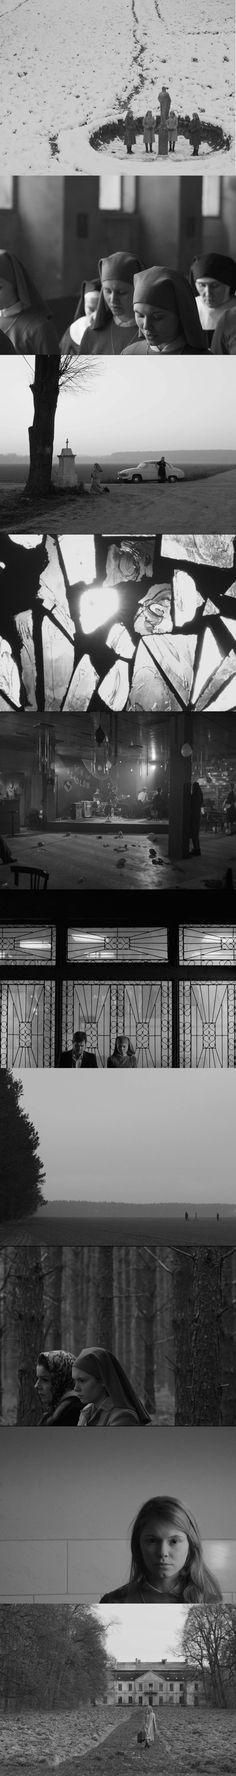 \'Ida\' (Pawel Pawlikowski, 2013) Cinematography by Łukasz Żal, Ryszard Lenczewski